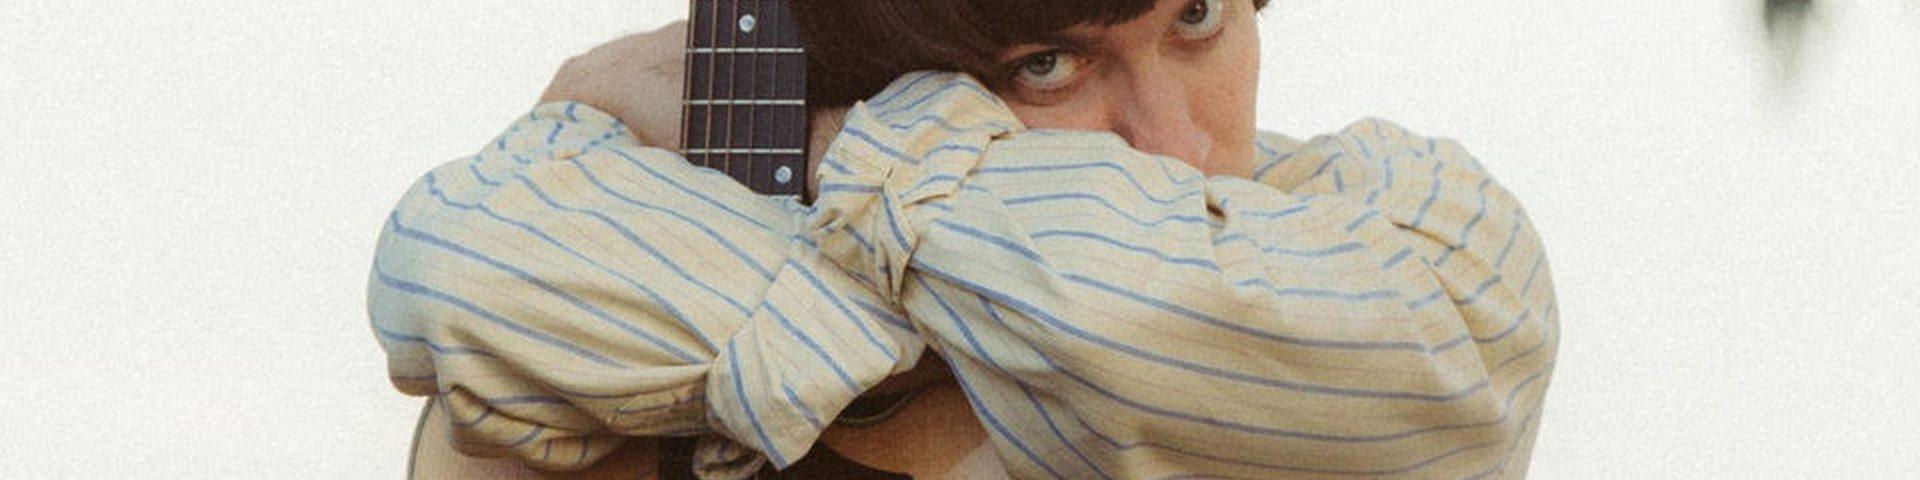 """Matteo Alieno: """"Scrivere canzoni è una sorta di ossessione"""" (Video)"""